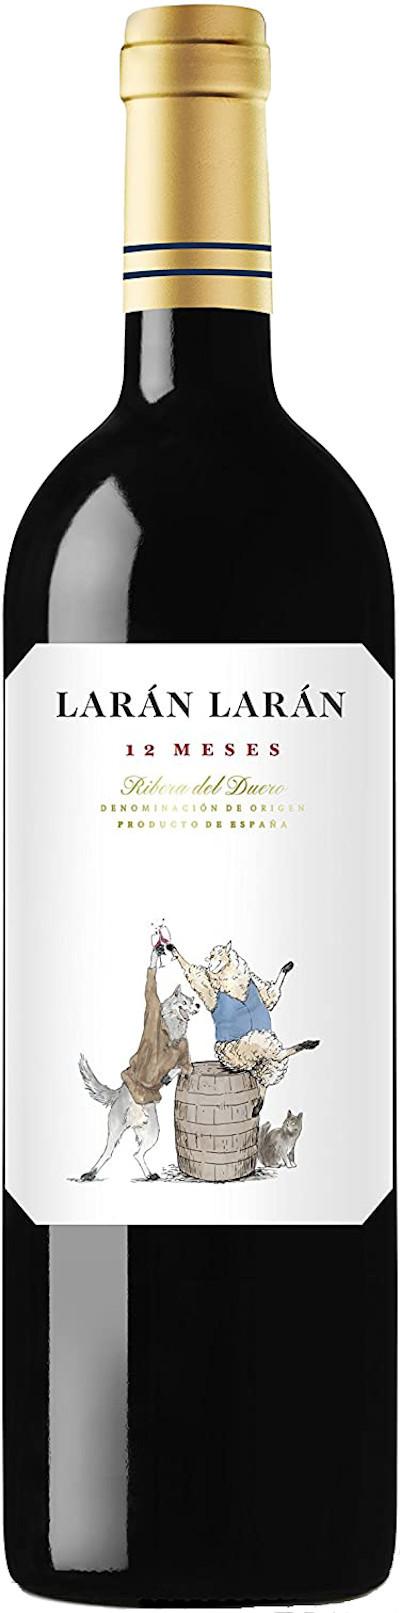 Vizcarra - Larán Larán 12 Meses Ribera del Duero DO